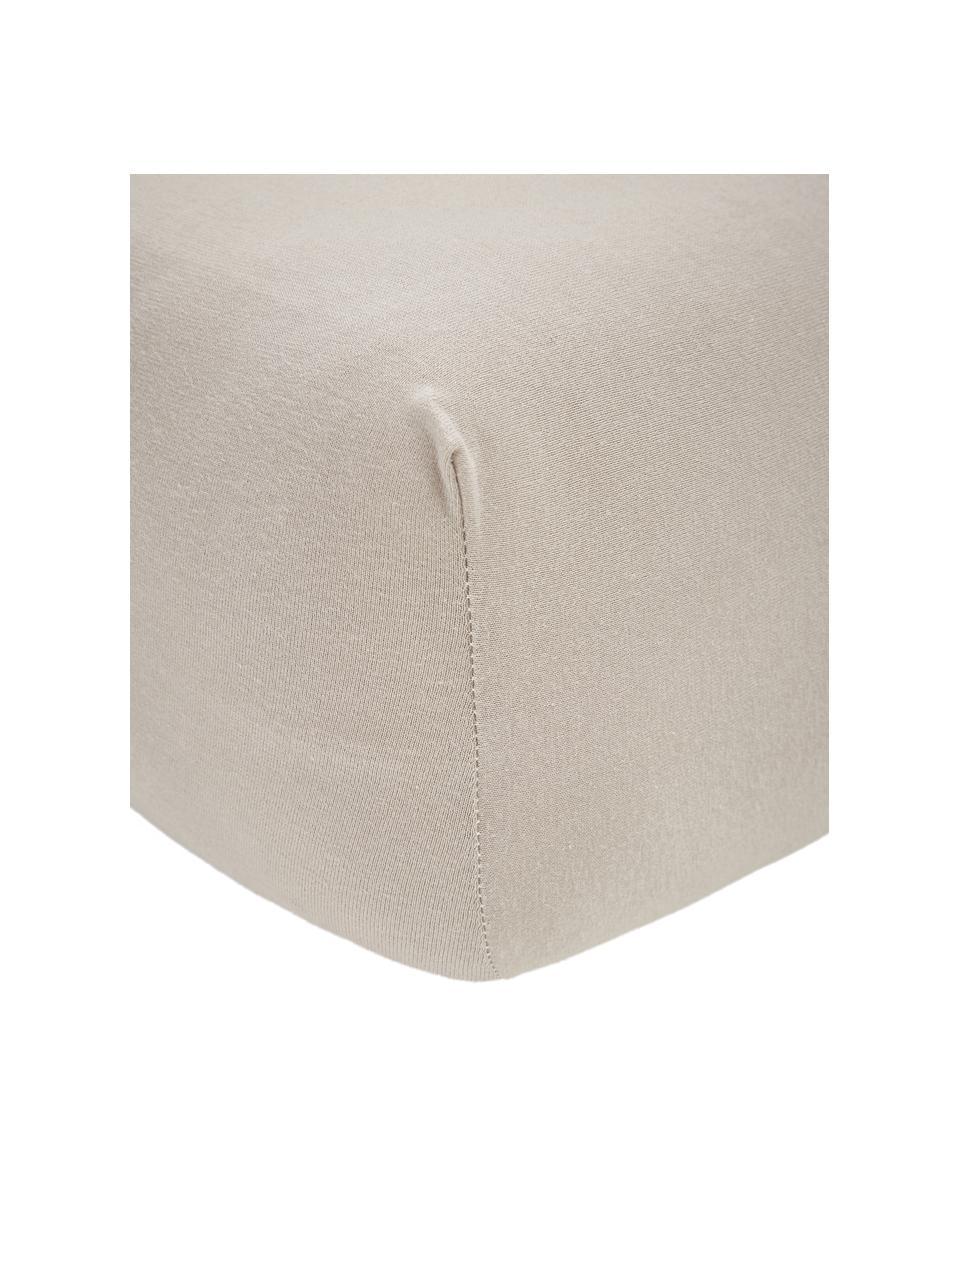 Spannbettlaken Lara in Taupe, Jersey-Elasthan, 95% Baumwolle, 5% Elasthan, Taupe, 180 x 200 cm